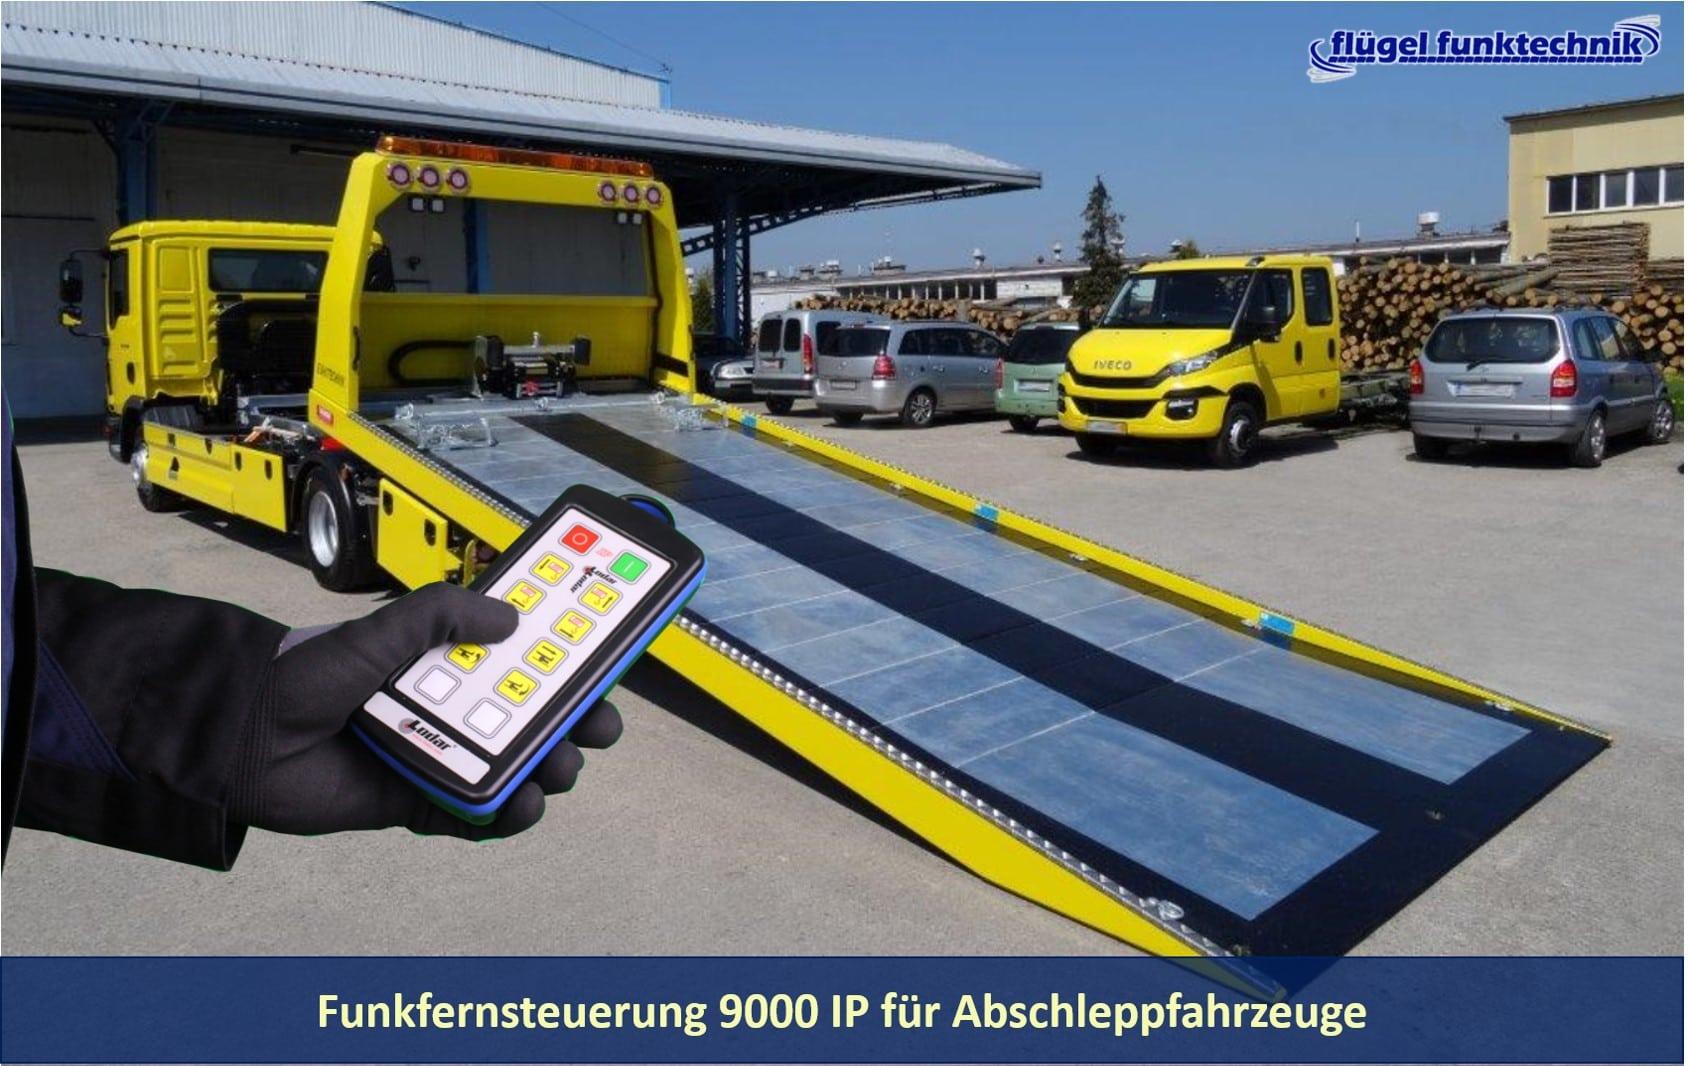 Funkfernsteuerung Abschleppfahrzeuge